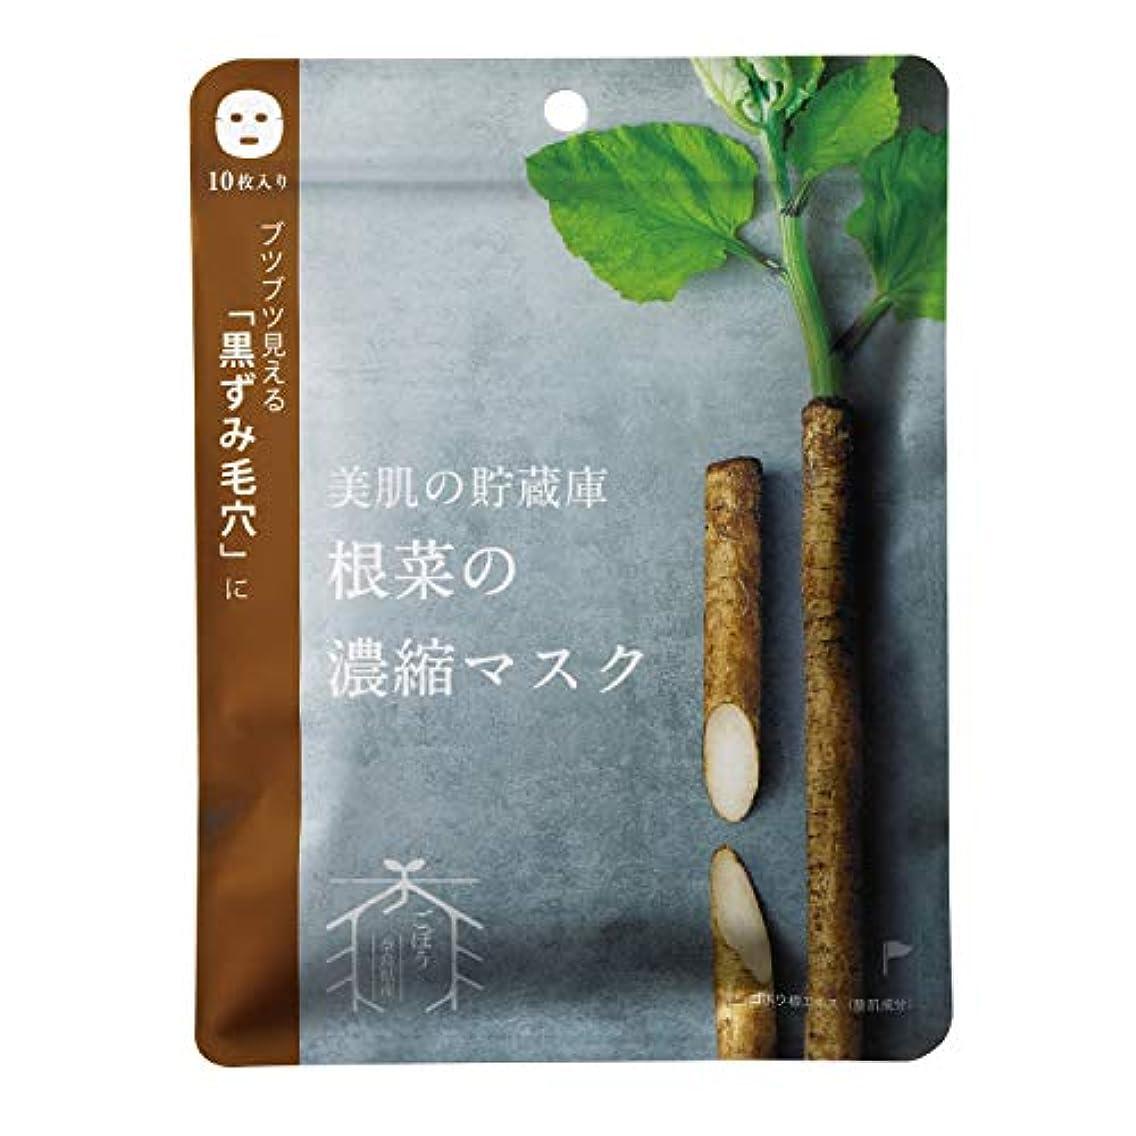 策定する誠実とげ@cosme nippon 美肌の貯蔵庫 根菜の濃縮マスク 宇陀金ごぼう 10枚 160ml